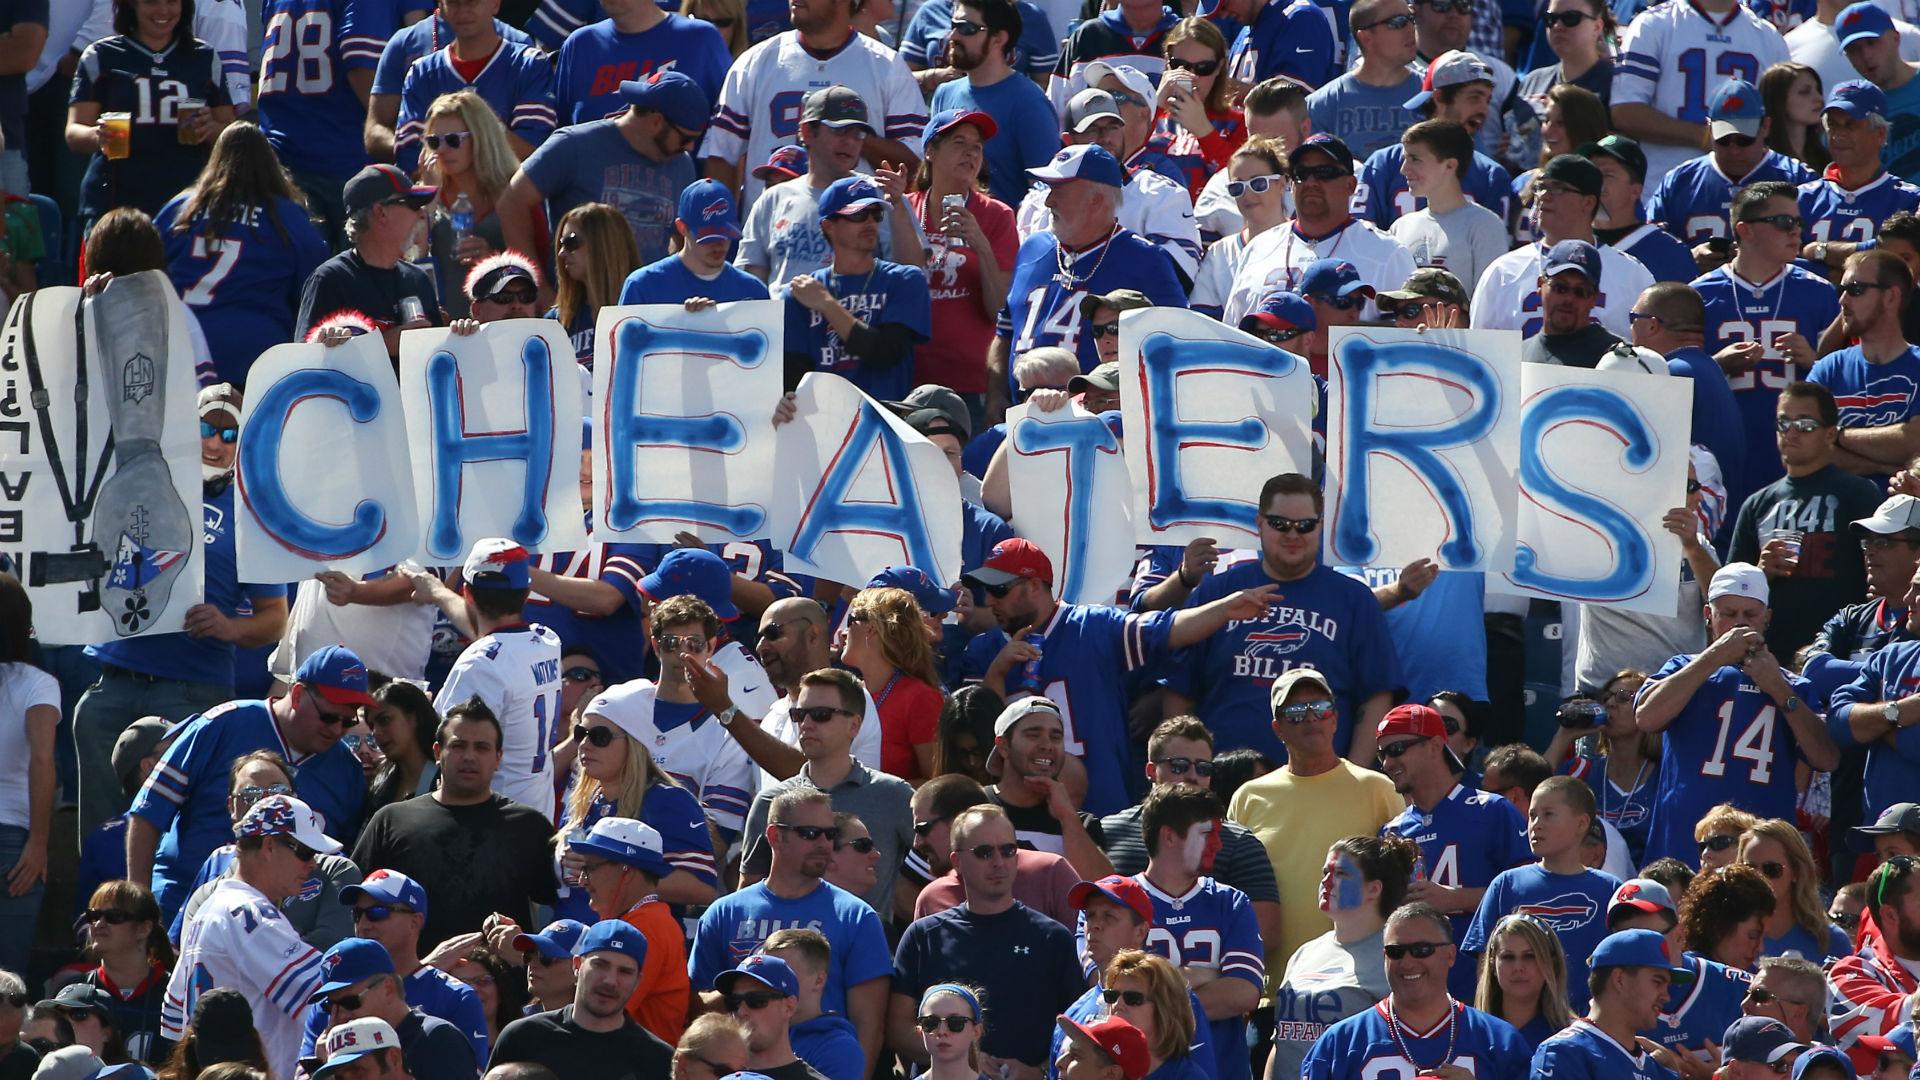 bills-fans-092115-getty-ftr-us.jpg